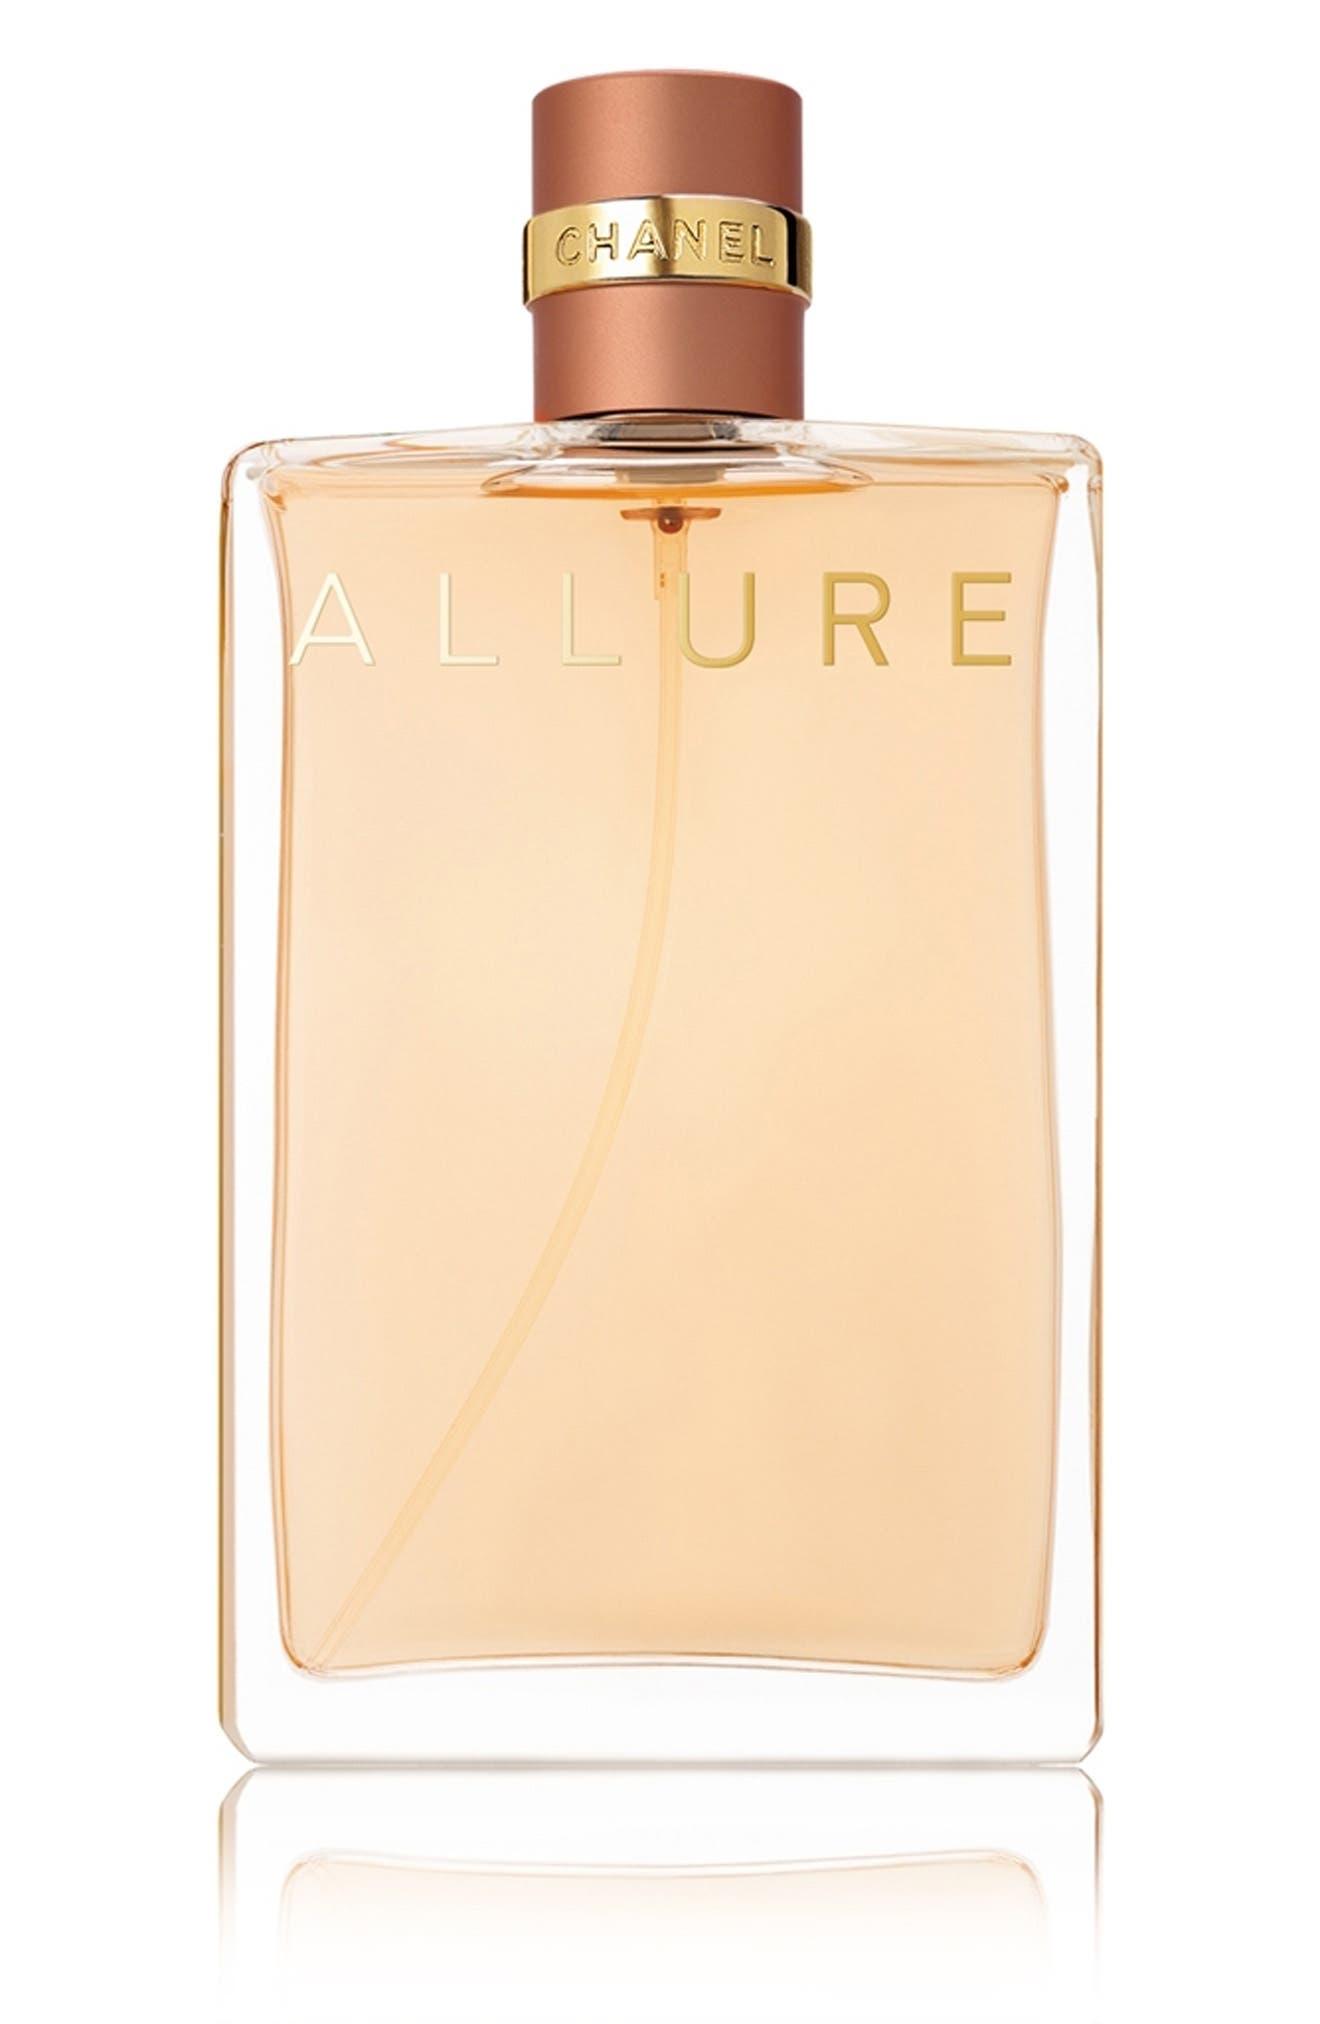 ALLURE<br />Eau de Parfum Spray,                             Main thumbnail 1, color,                             NO COLOR